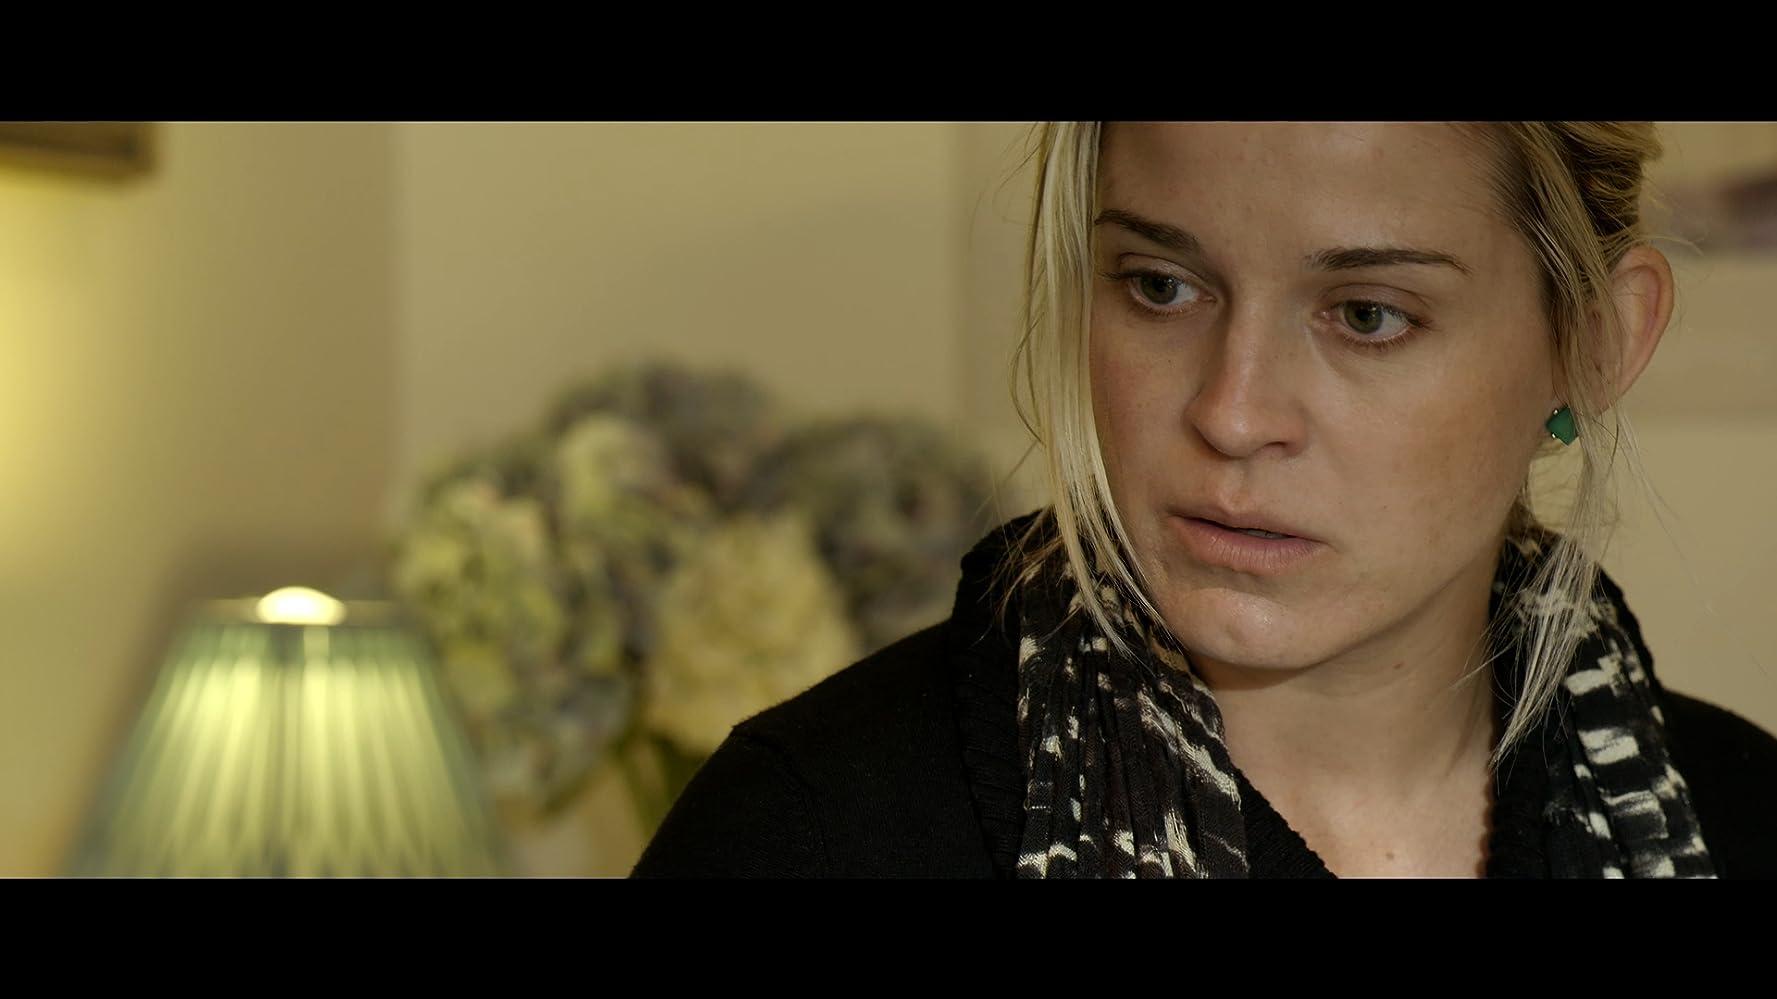 Jennifer Taylor (actress) advise